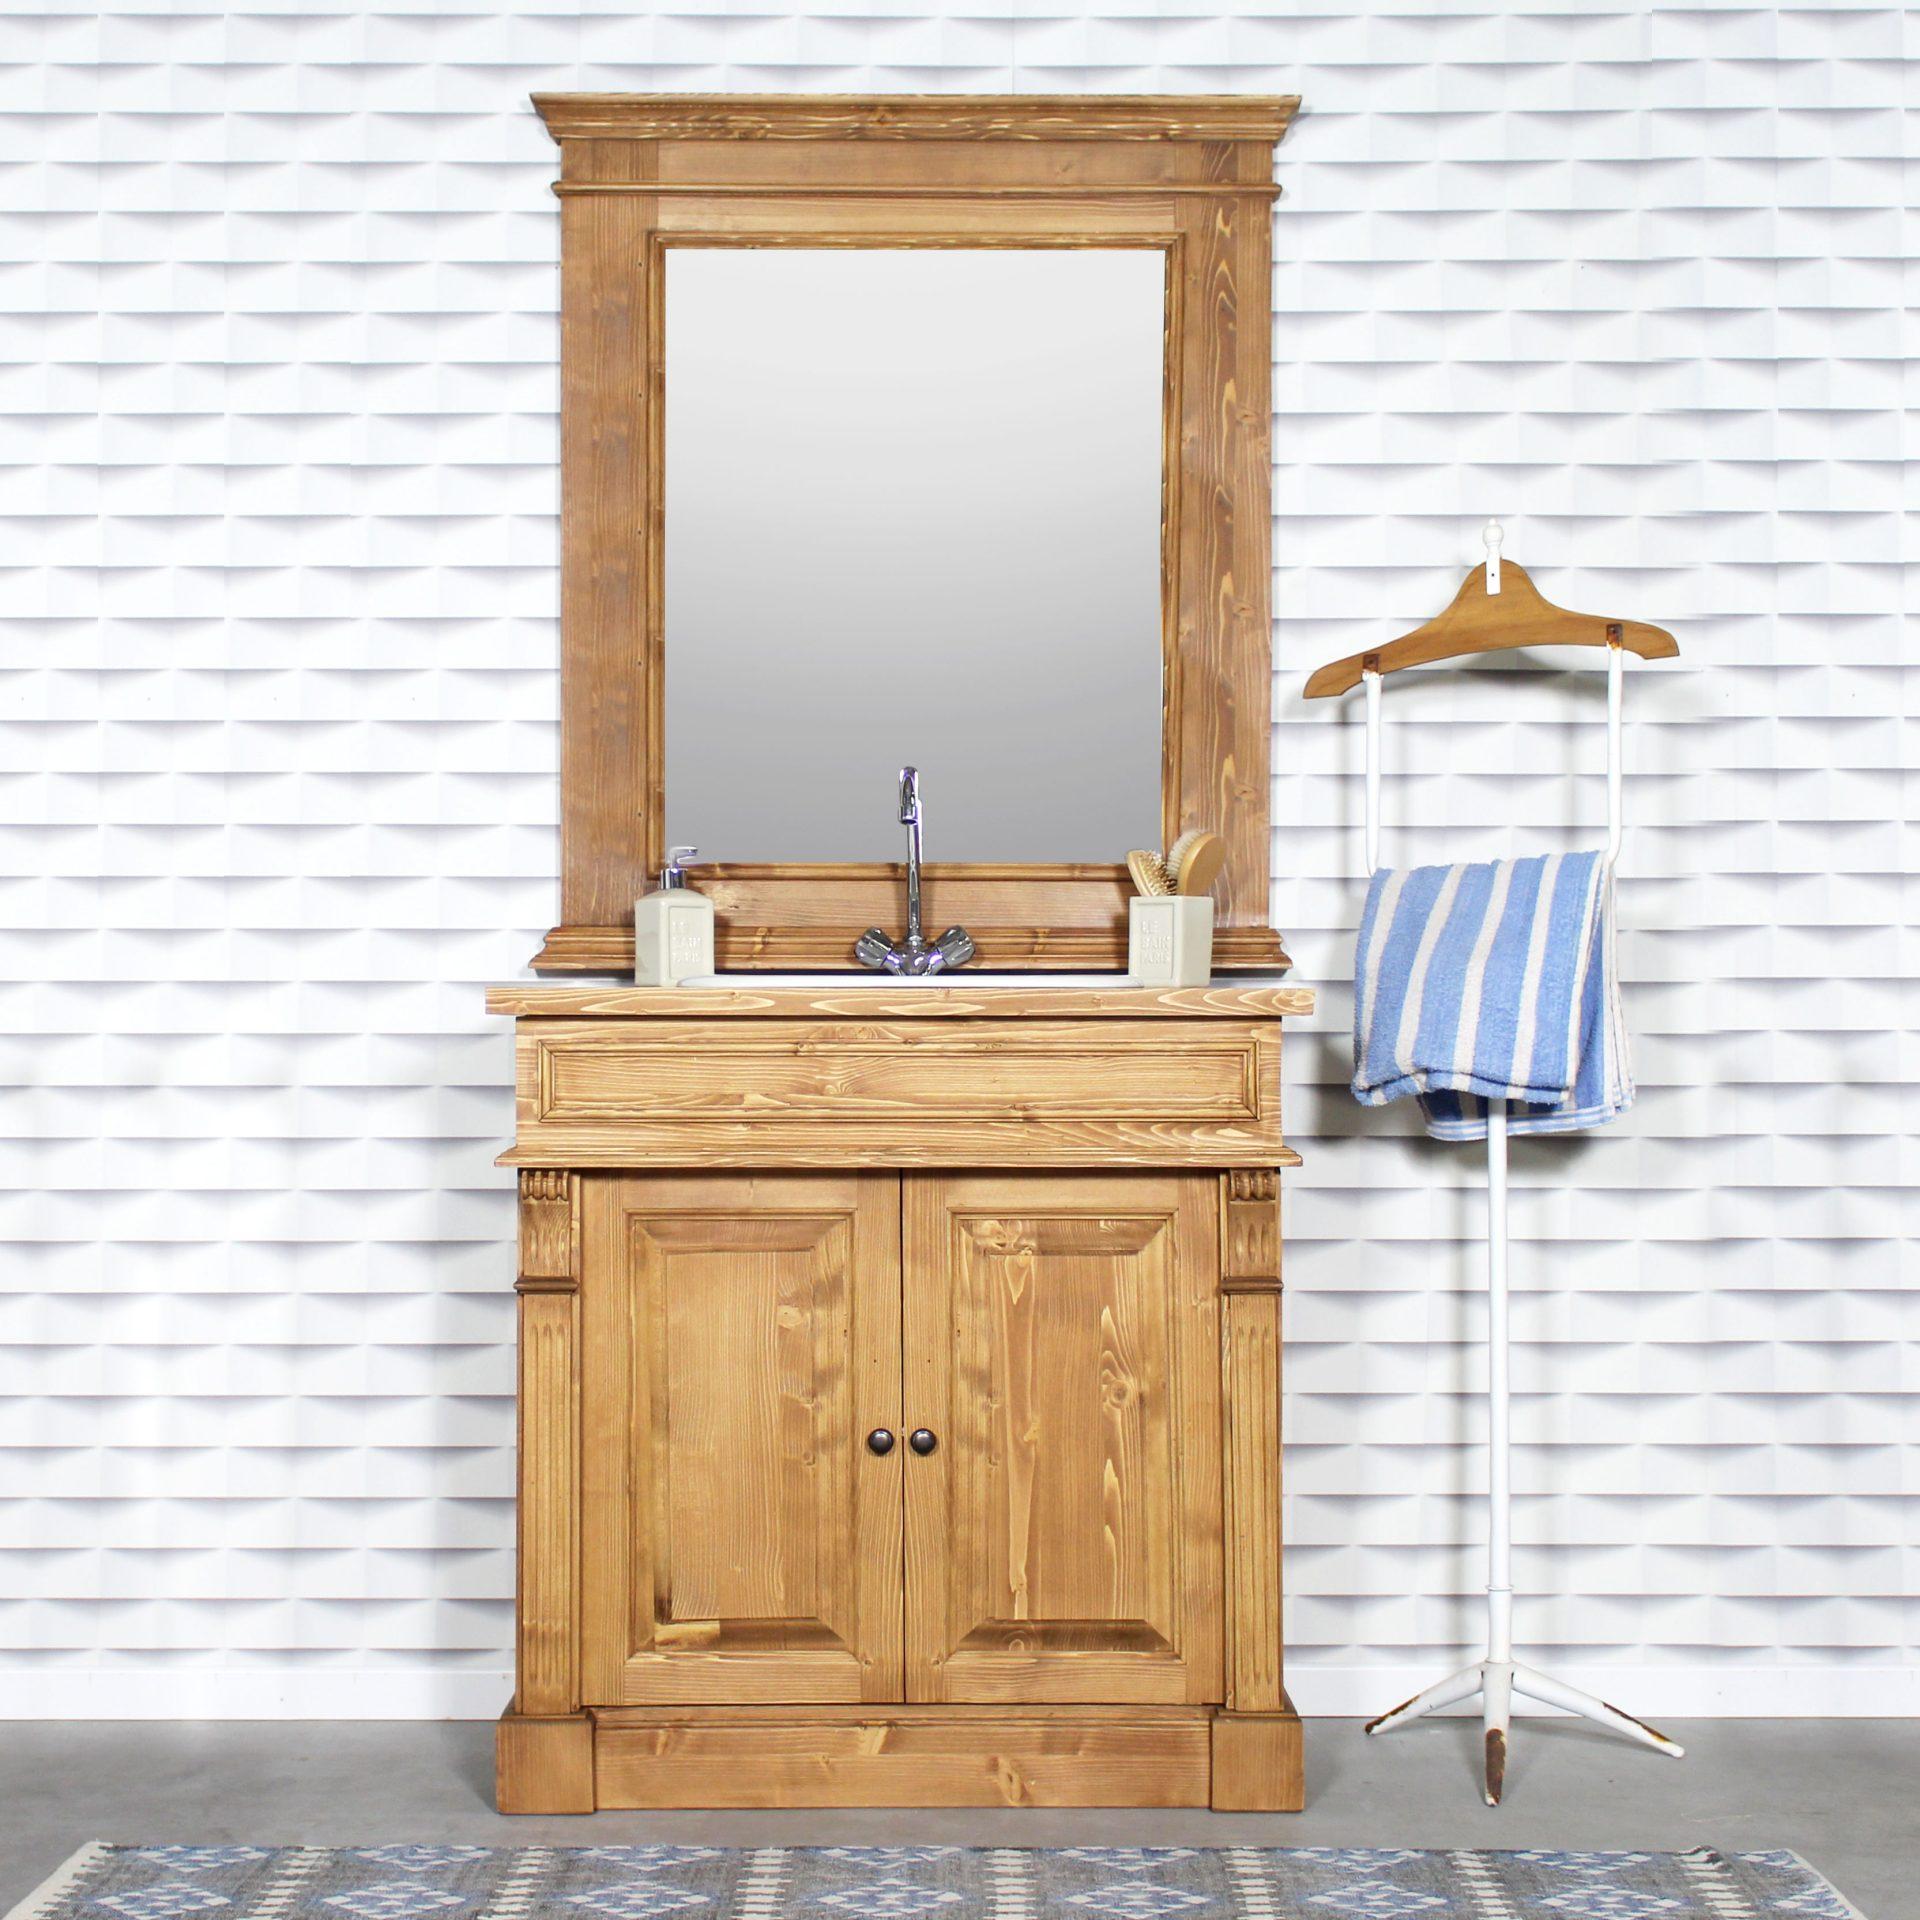 Customiser les vieux meubles avec des miroirs sur-mesure